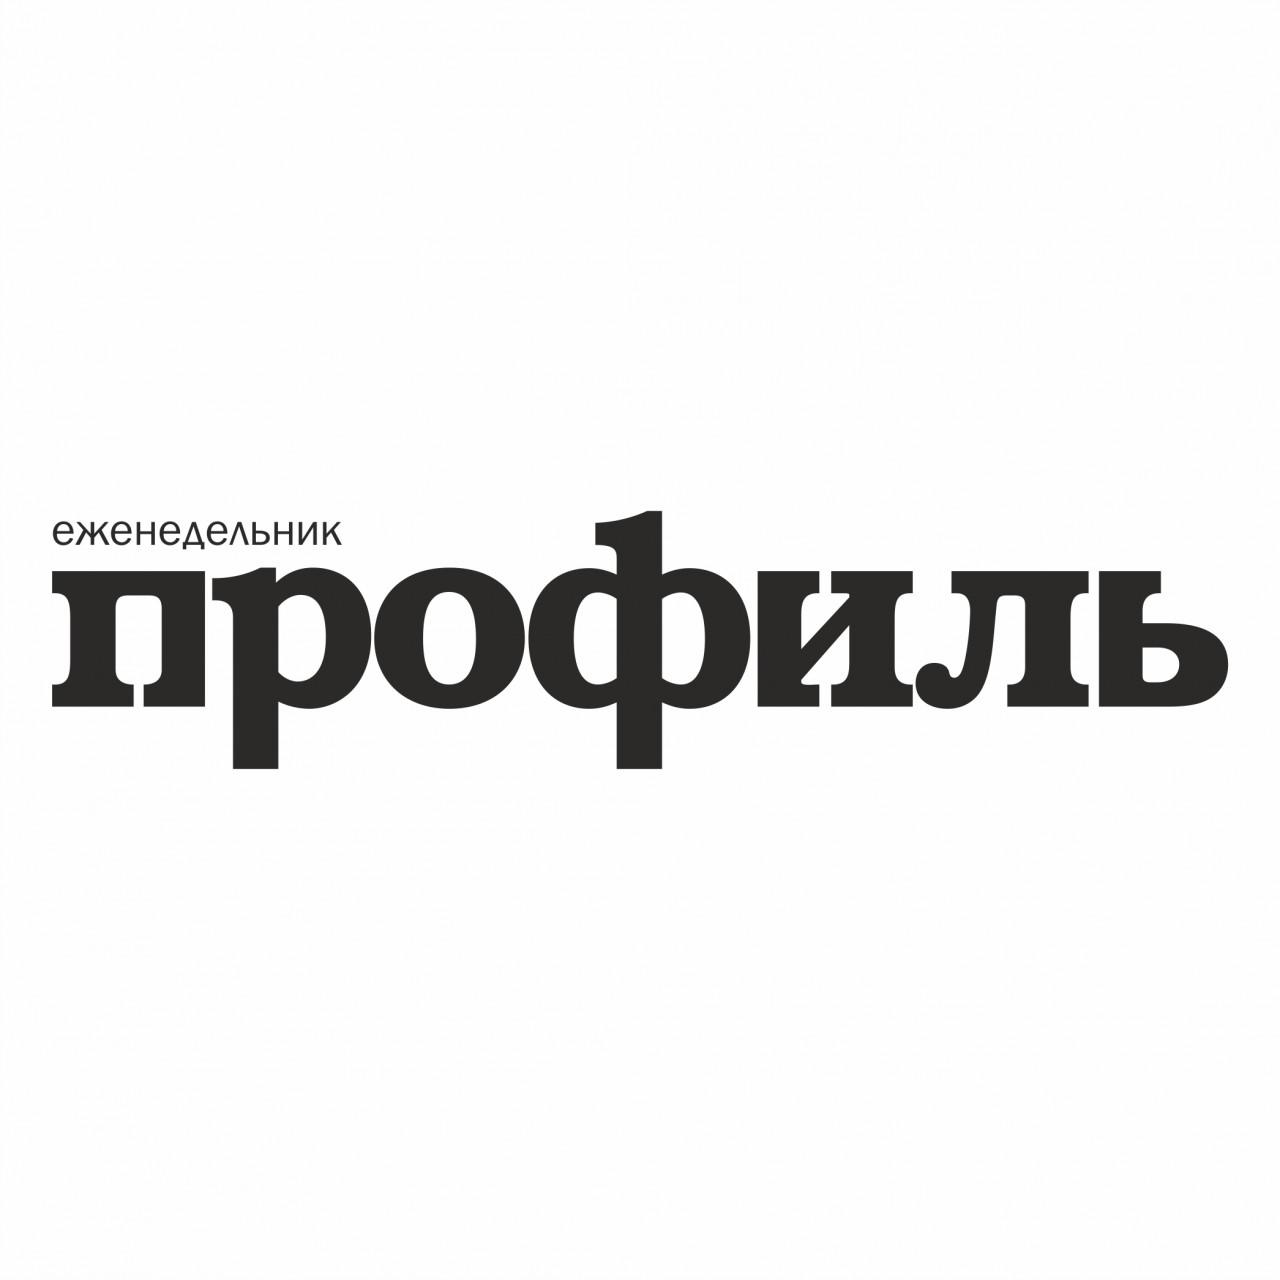 Путин 15 мая примет участие в открытии Крымского моста